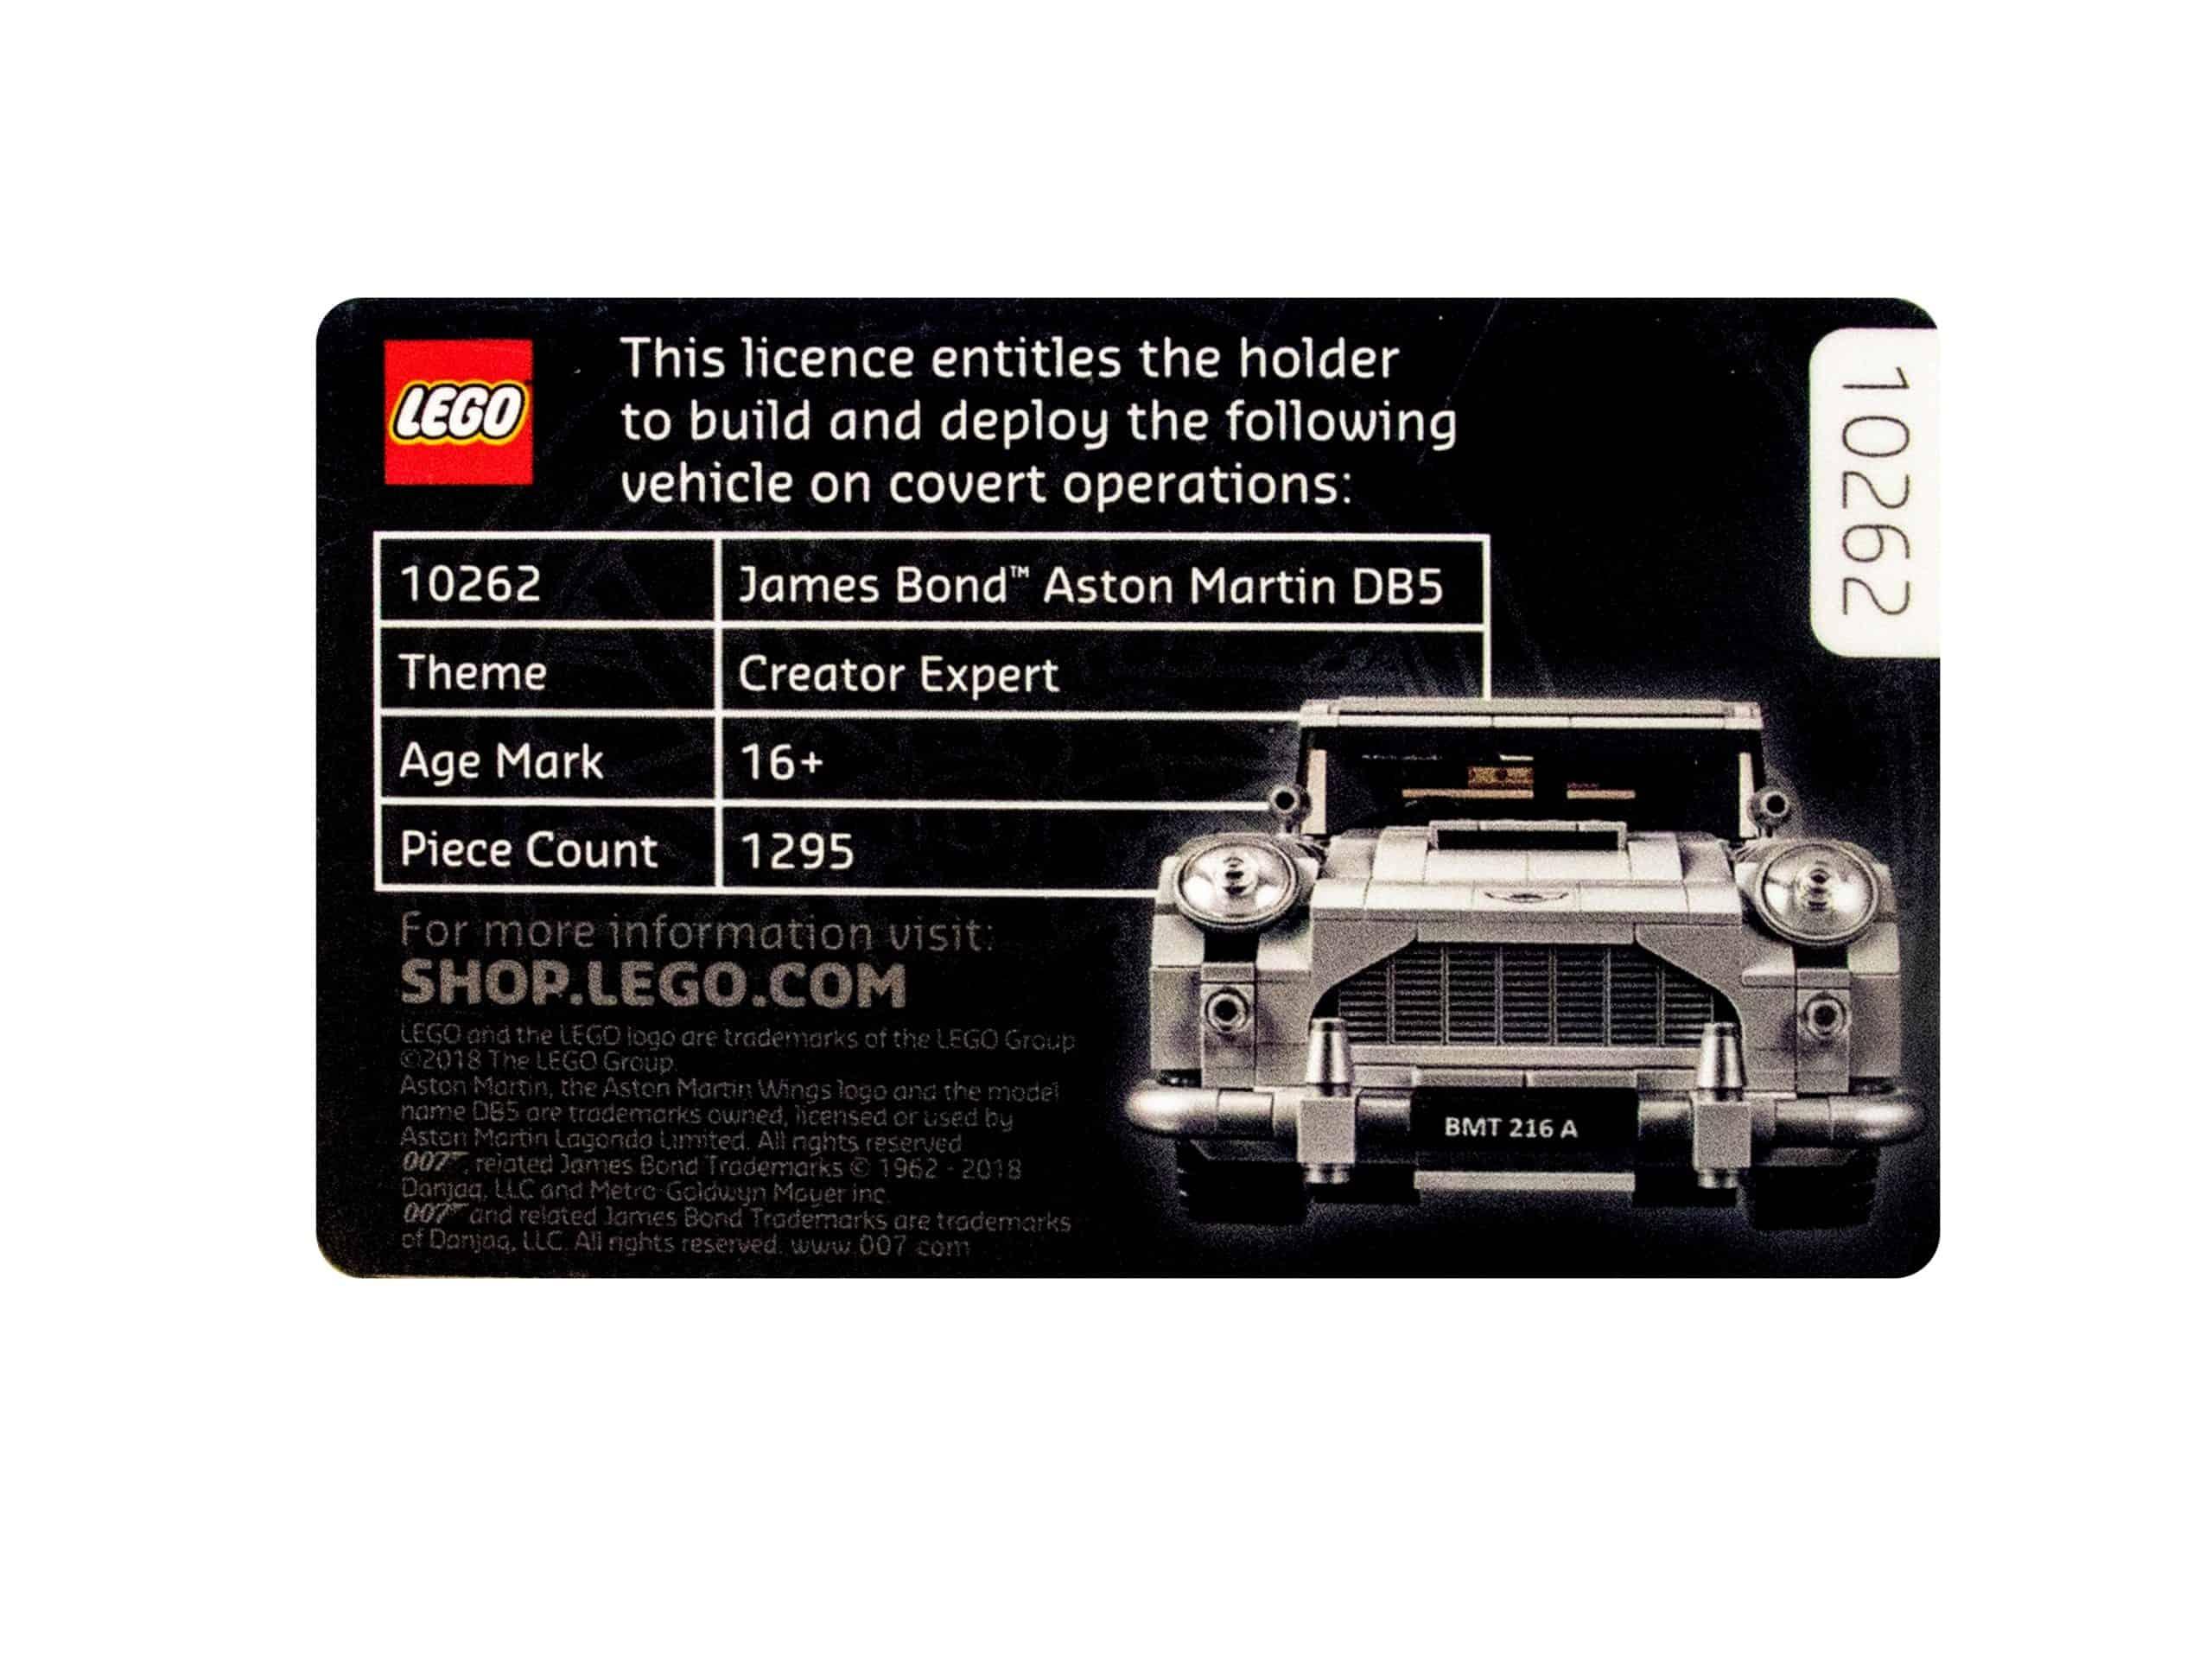 lego 5005665 licens til at bygge scaled